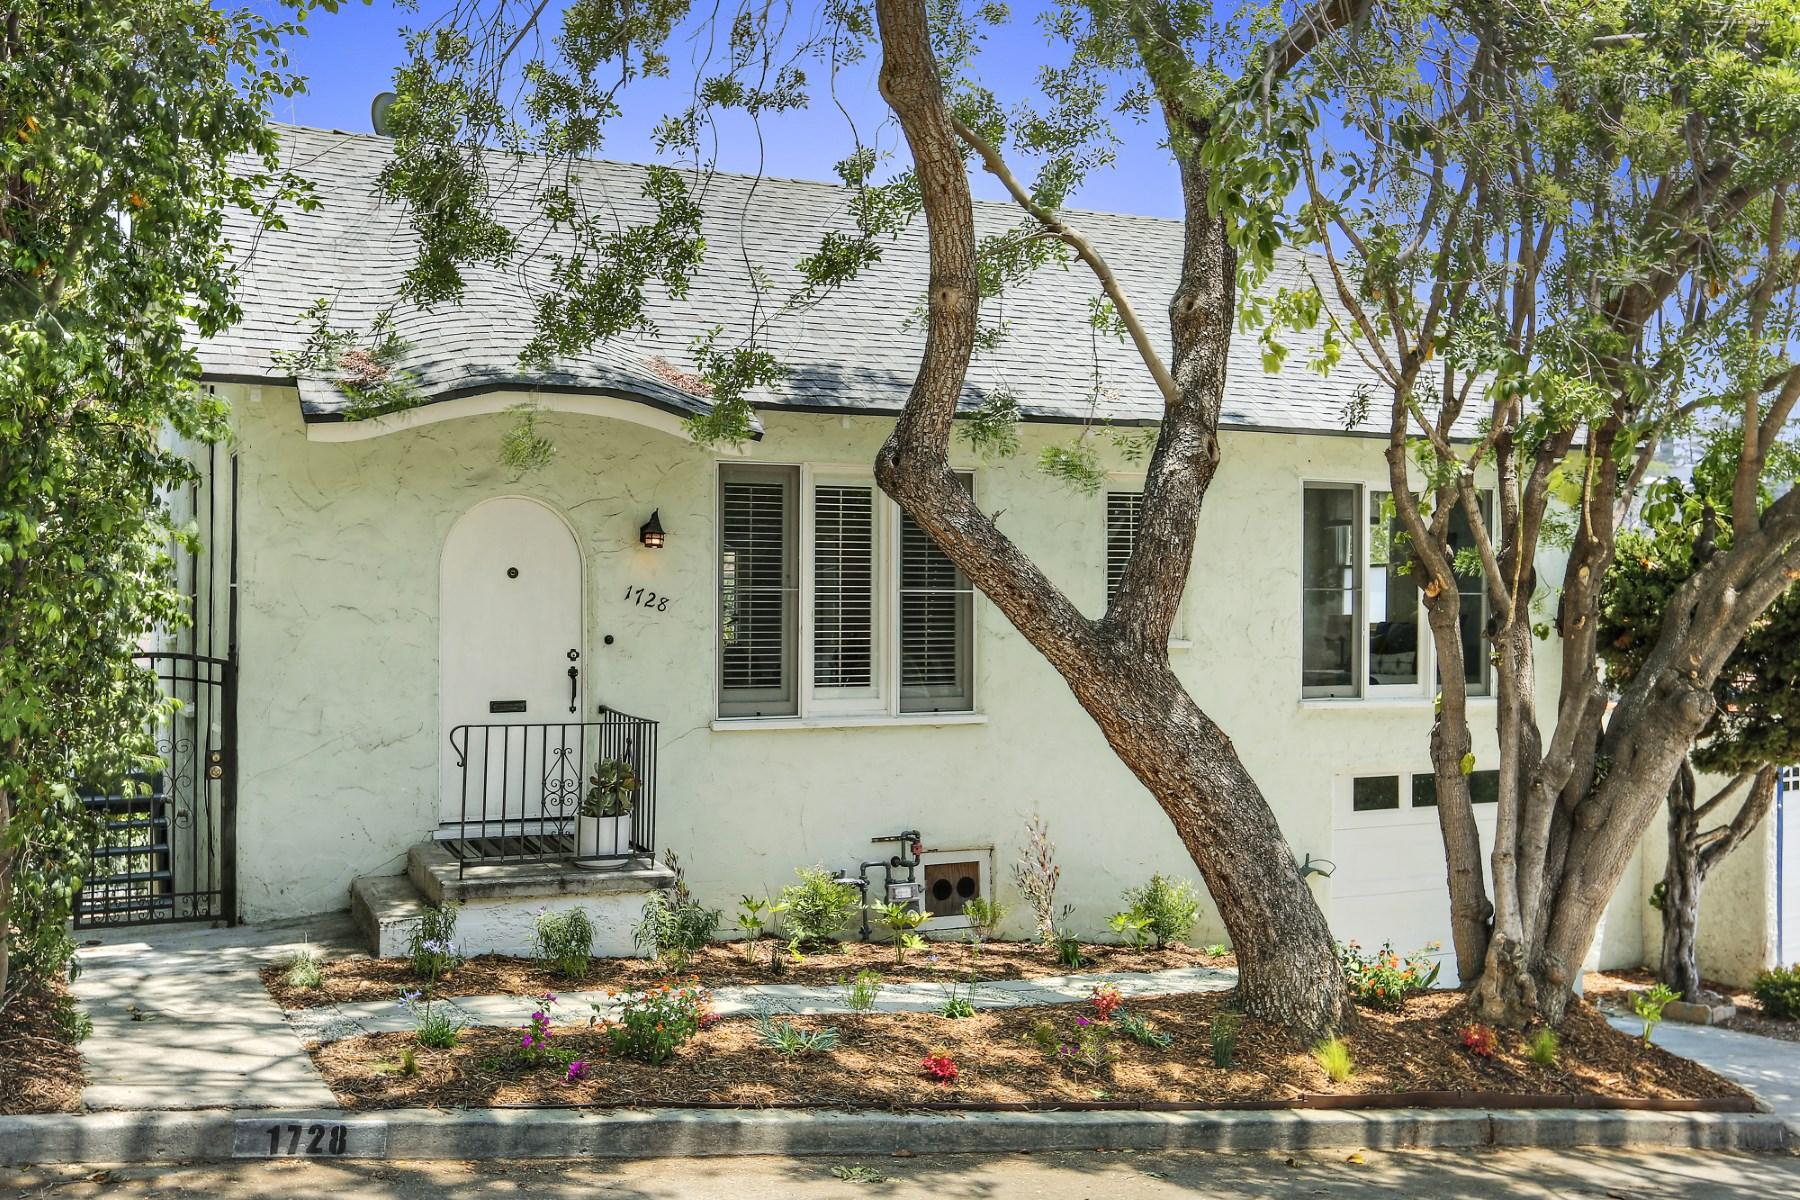 Tek Ailelik Ev için Satış at 1728 Westerly Terrace Silver Lake, Los Angeles, Kaliforniya, 90026 Amerika Birleşik Devletleri